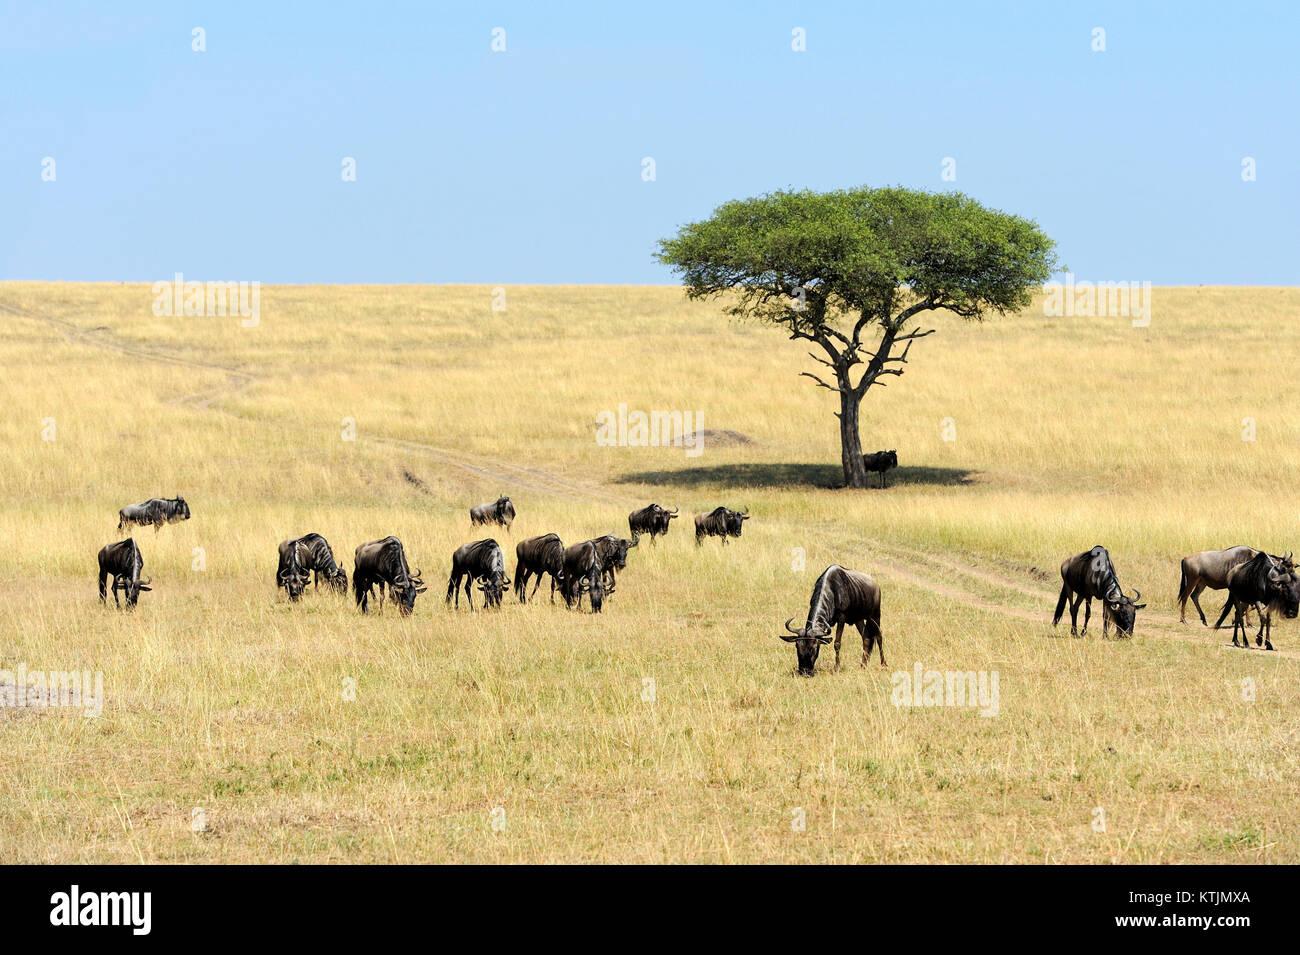 Gnu di Savannah, il parco nazionale del Kenya, Africa Immagini Stock